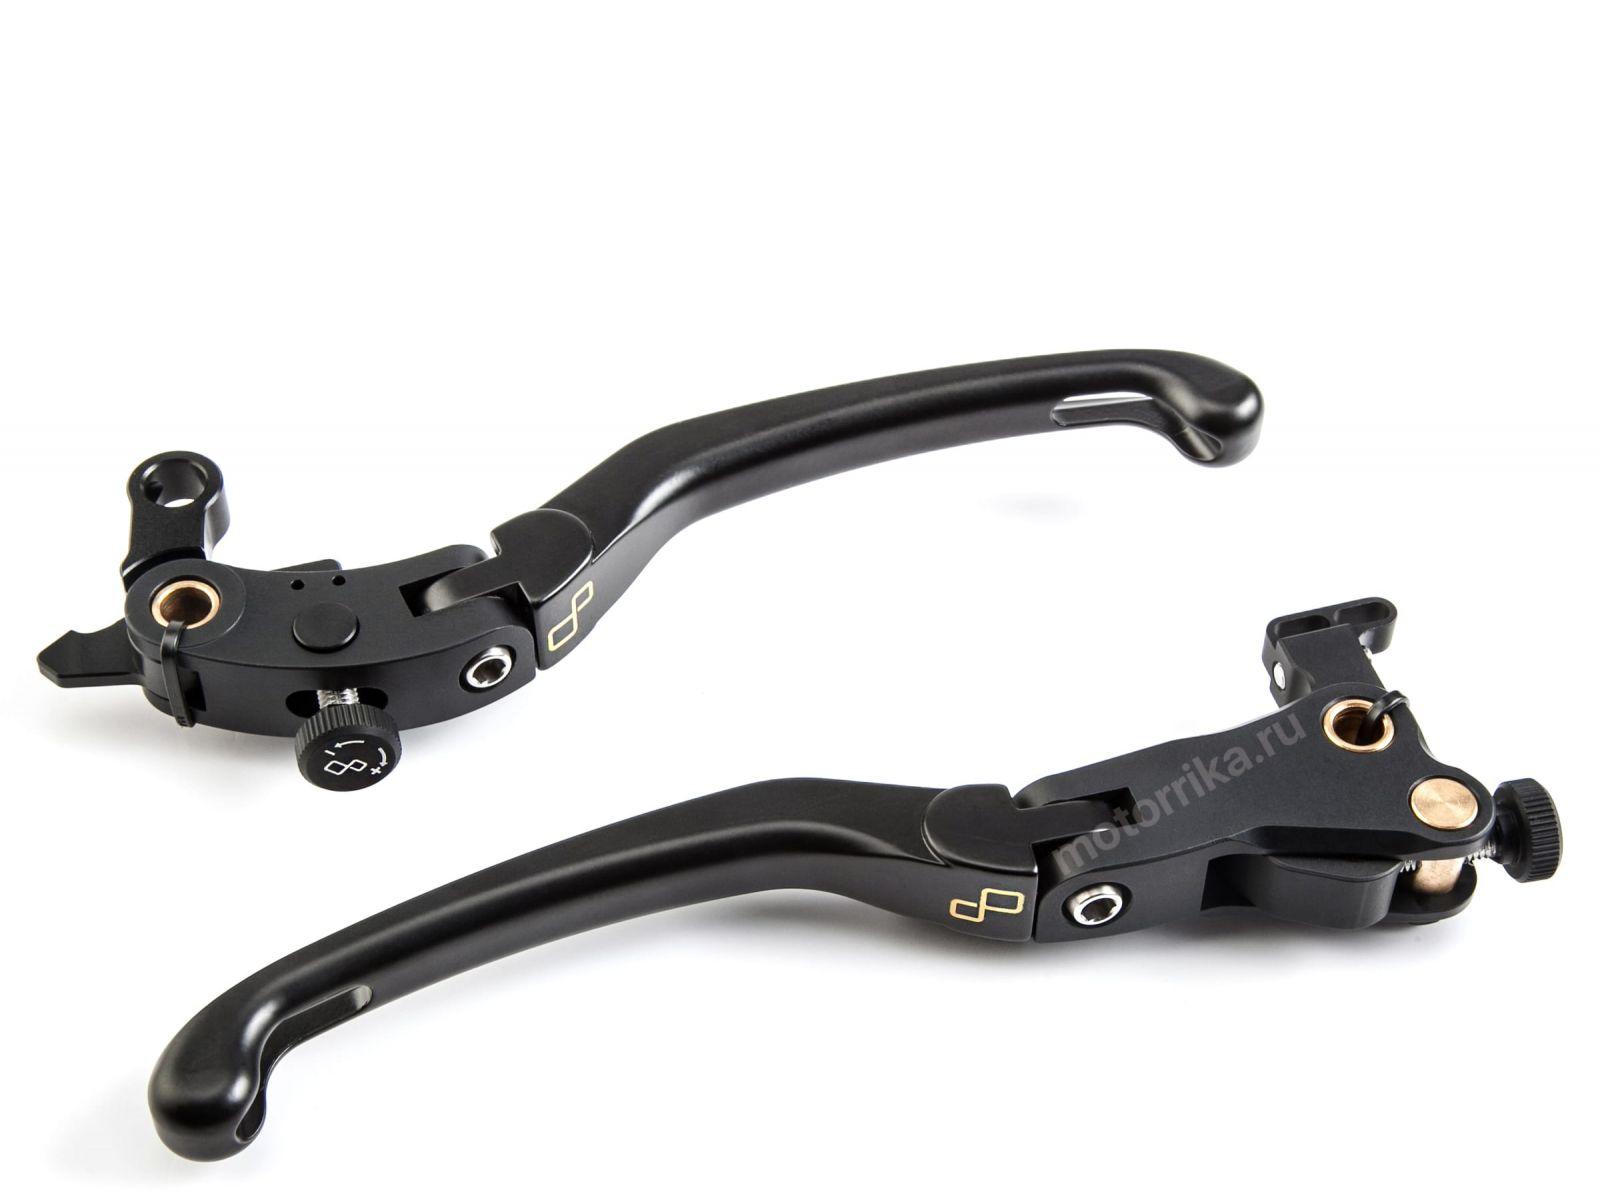 Комплект рычагов Lightech для Honda CB1000R 08-14, CBR1000RR 04-07